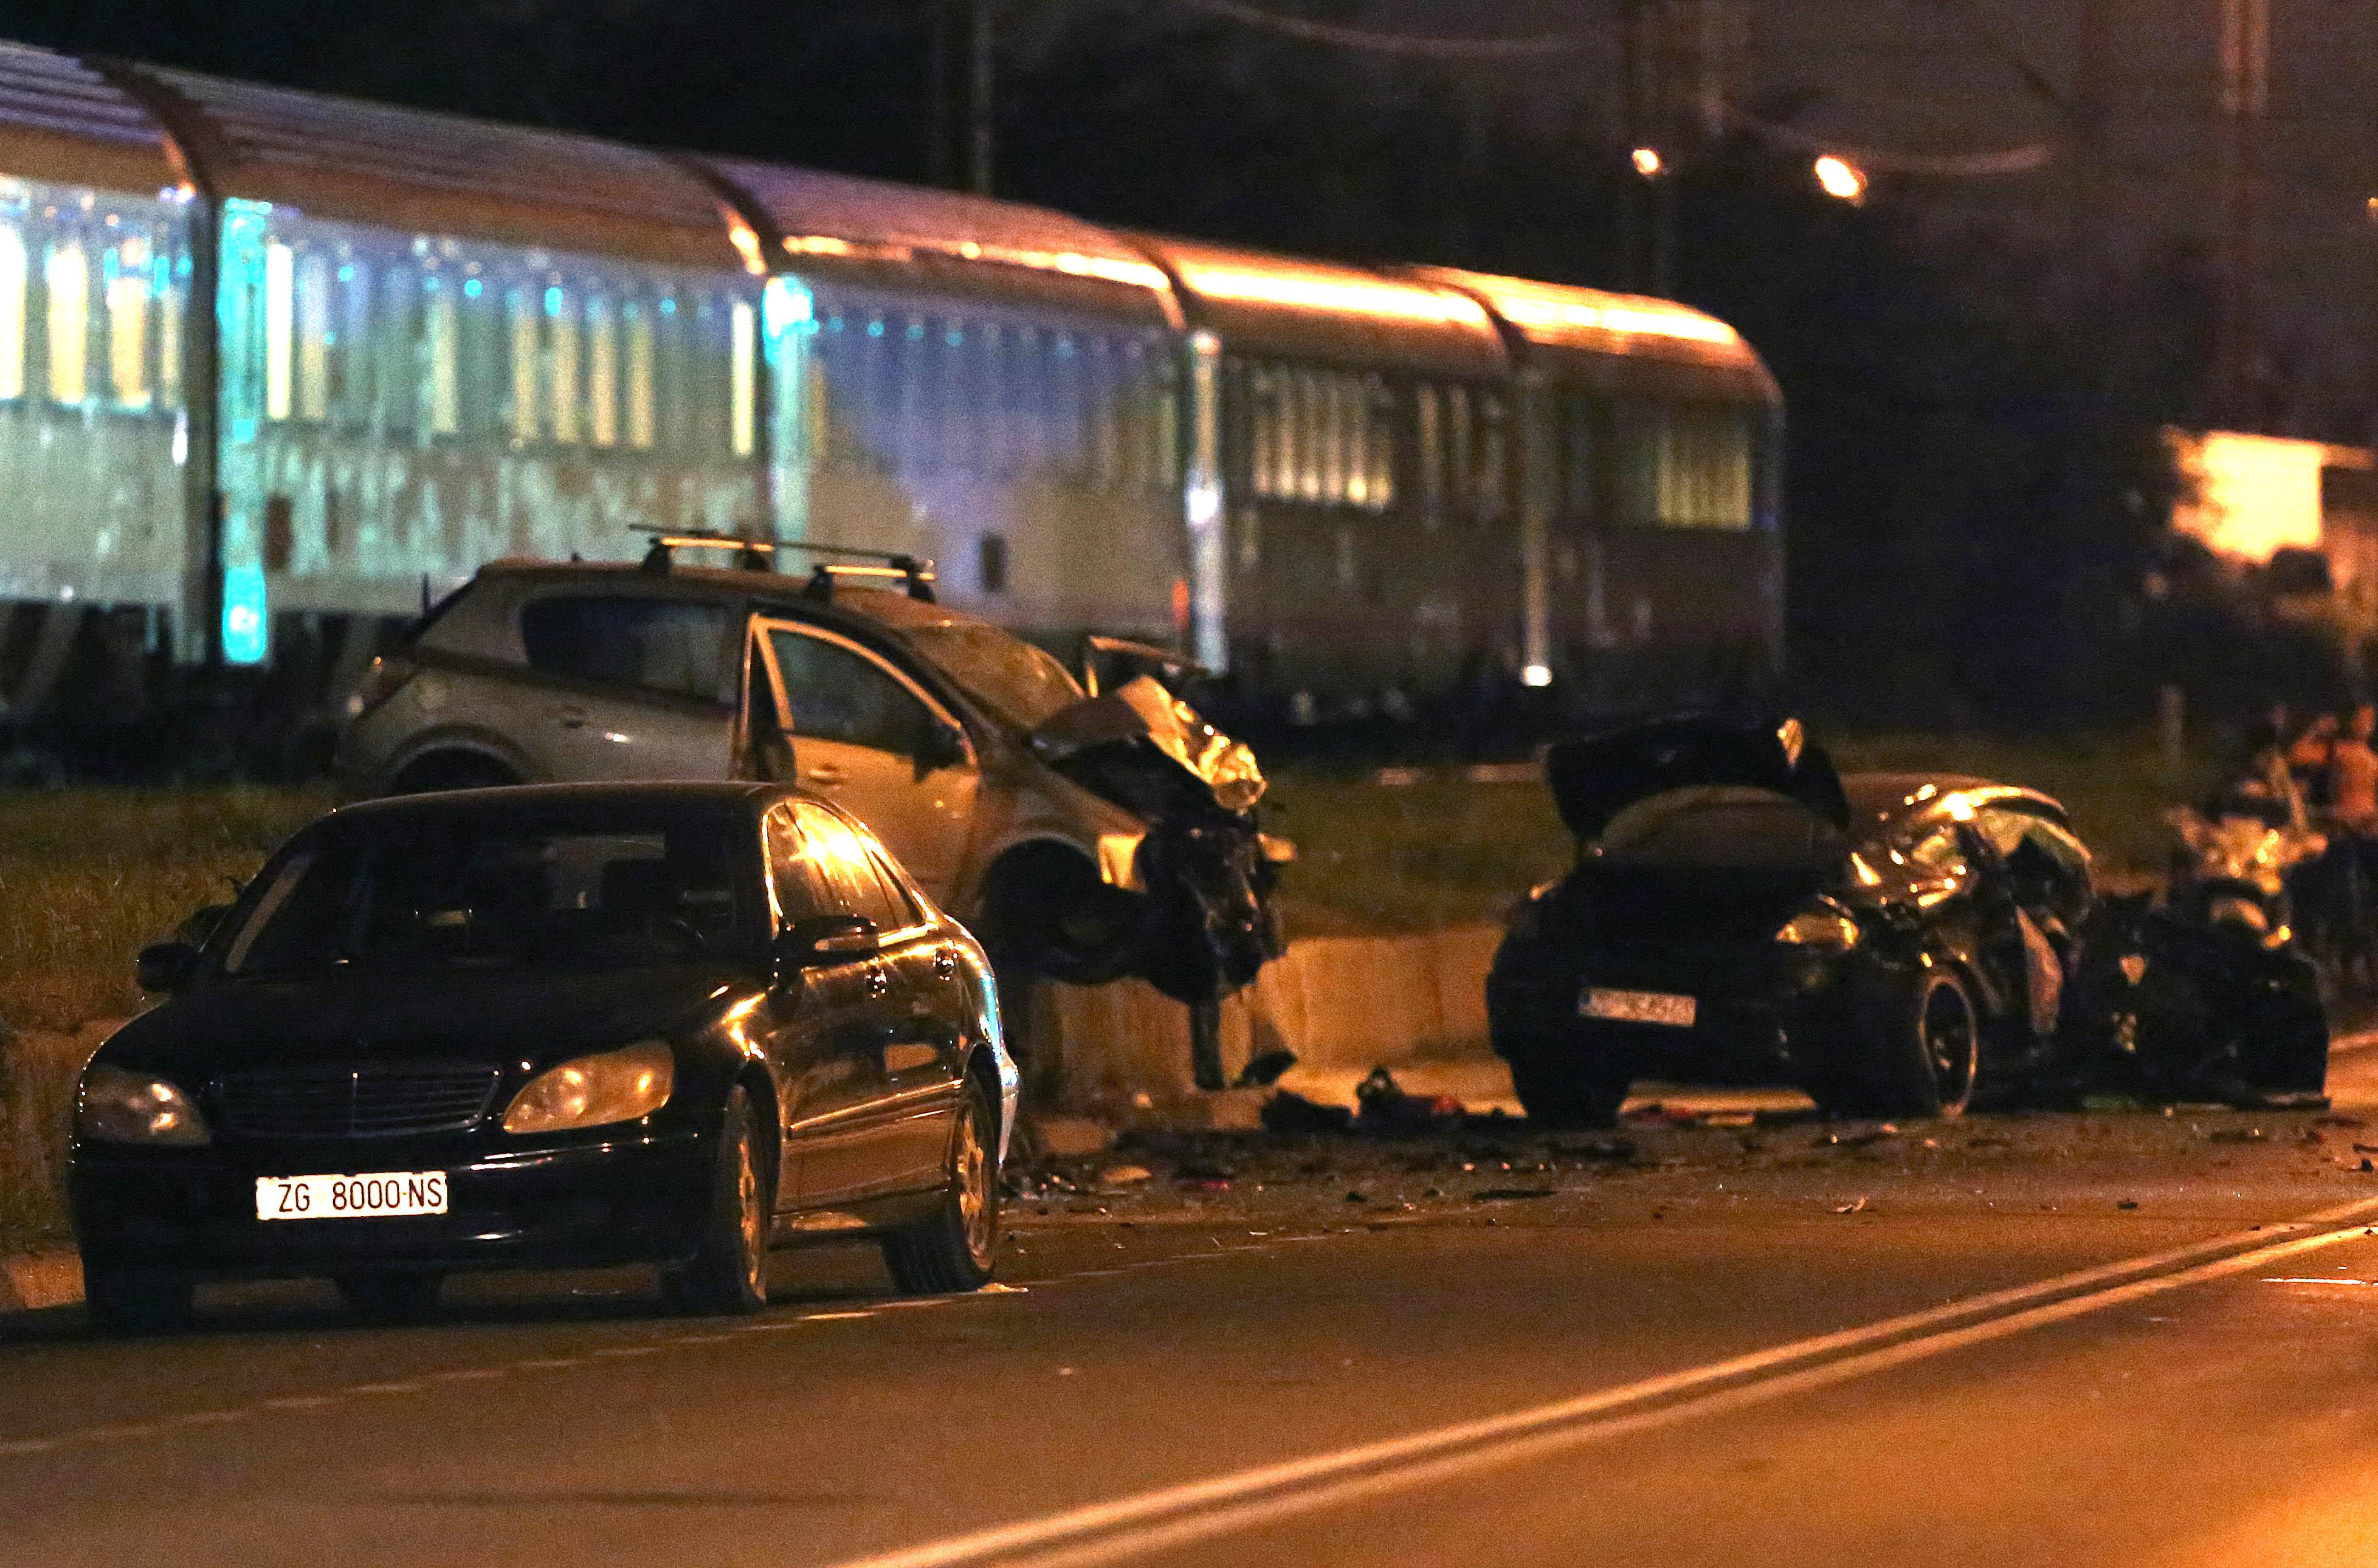 Policija objavila detalje nesreće, za volanom Mercedesa 20-godišnjak